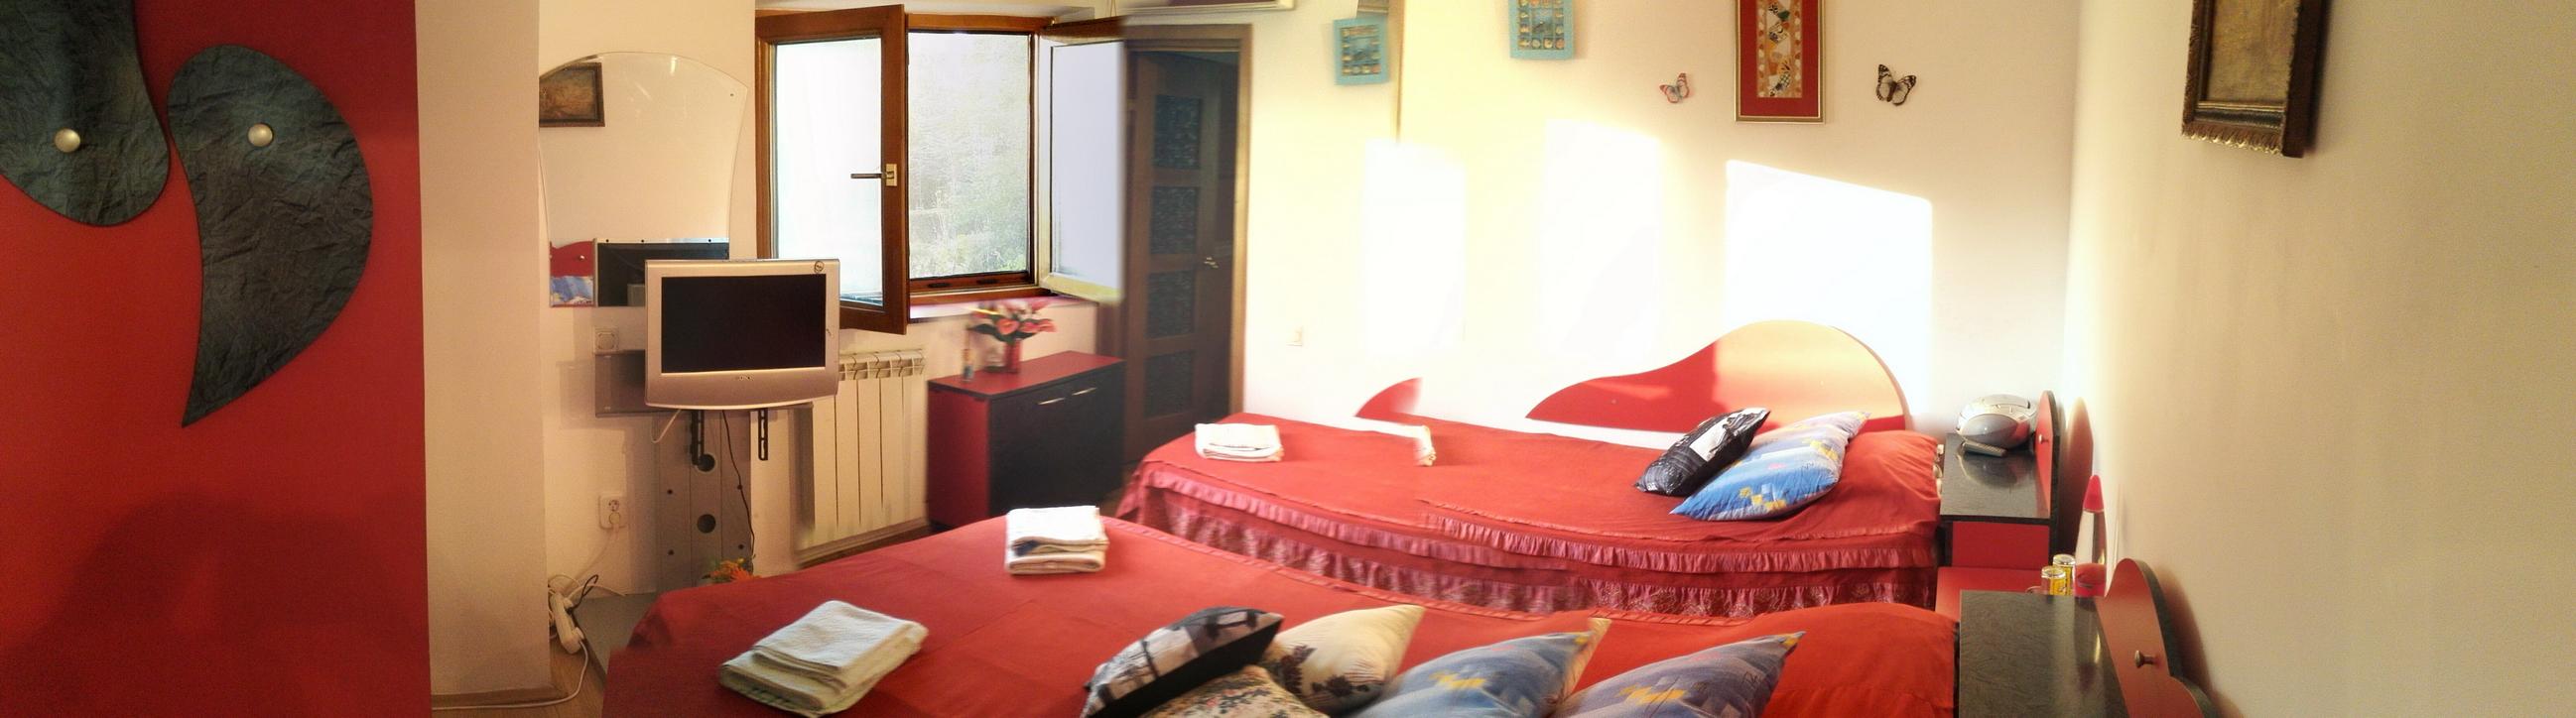 dormitor 5 2mb